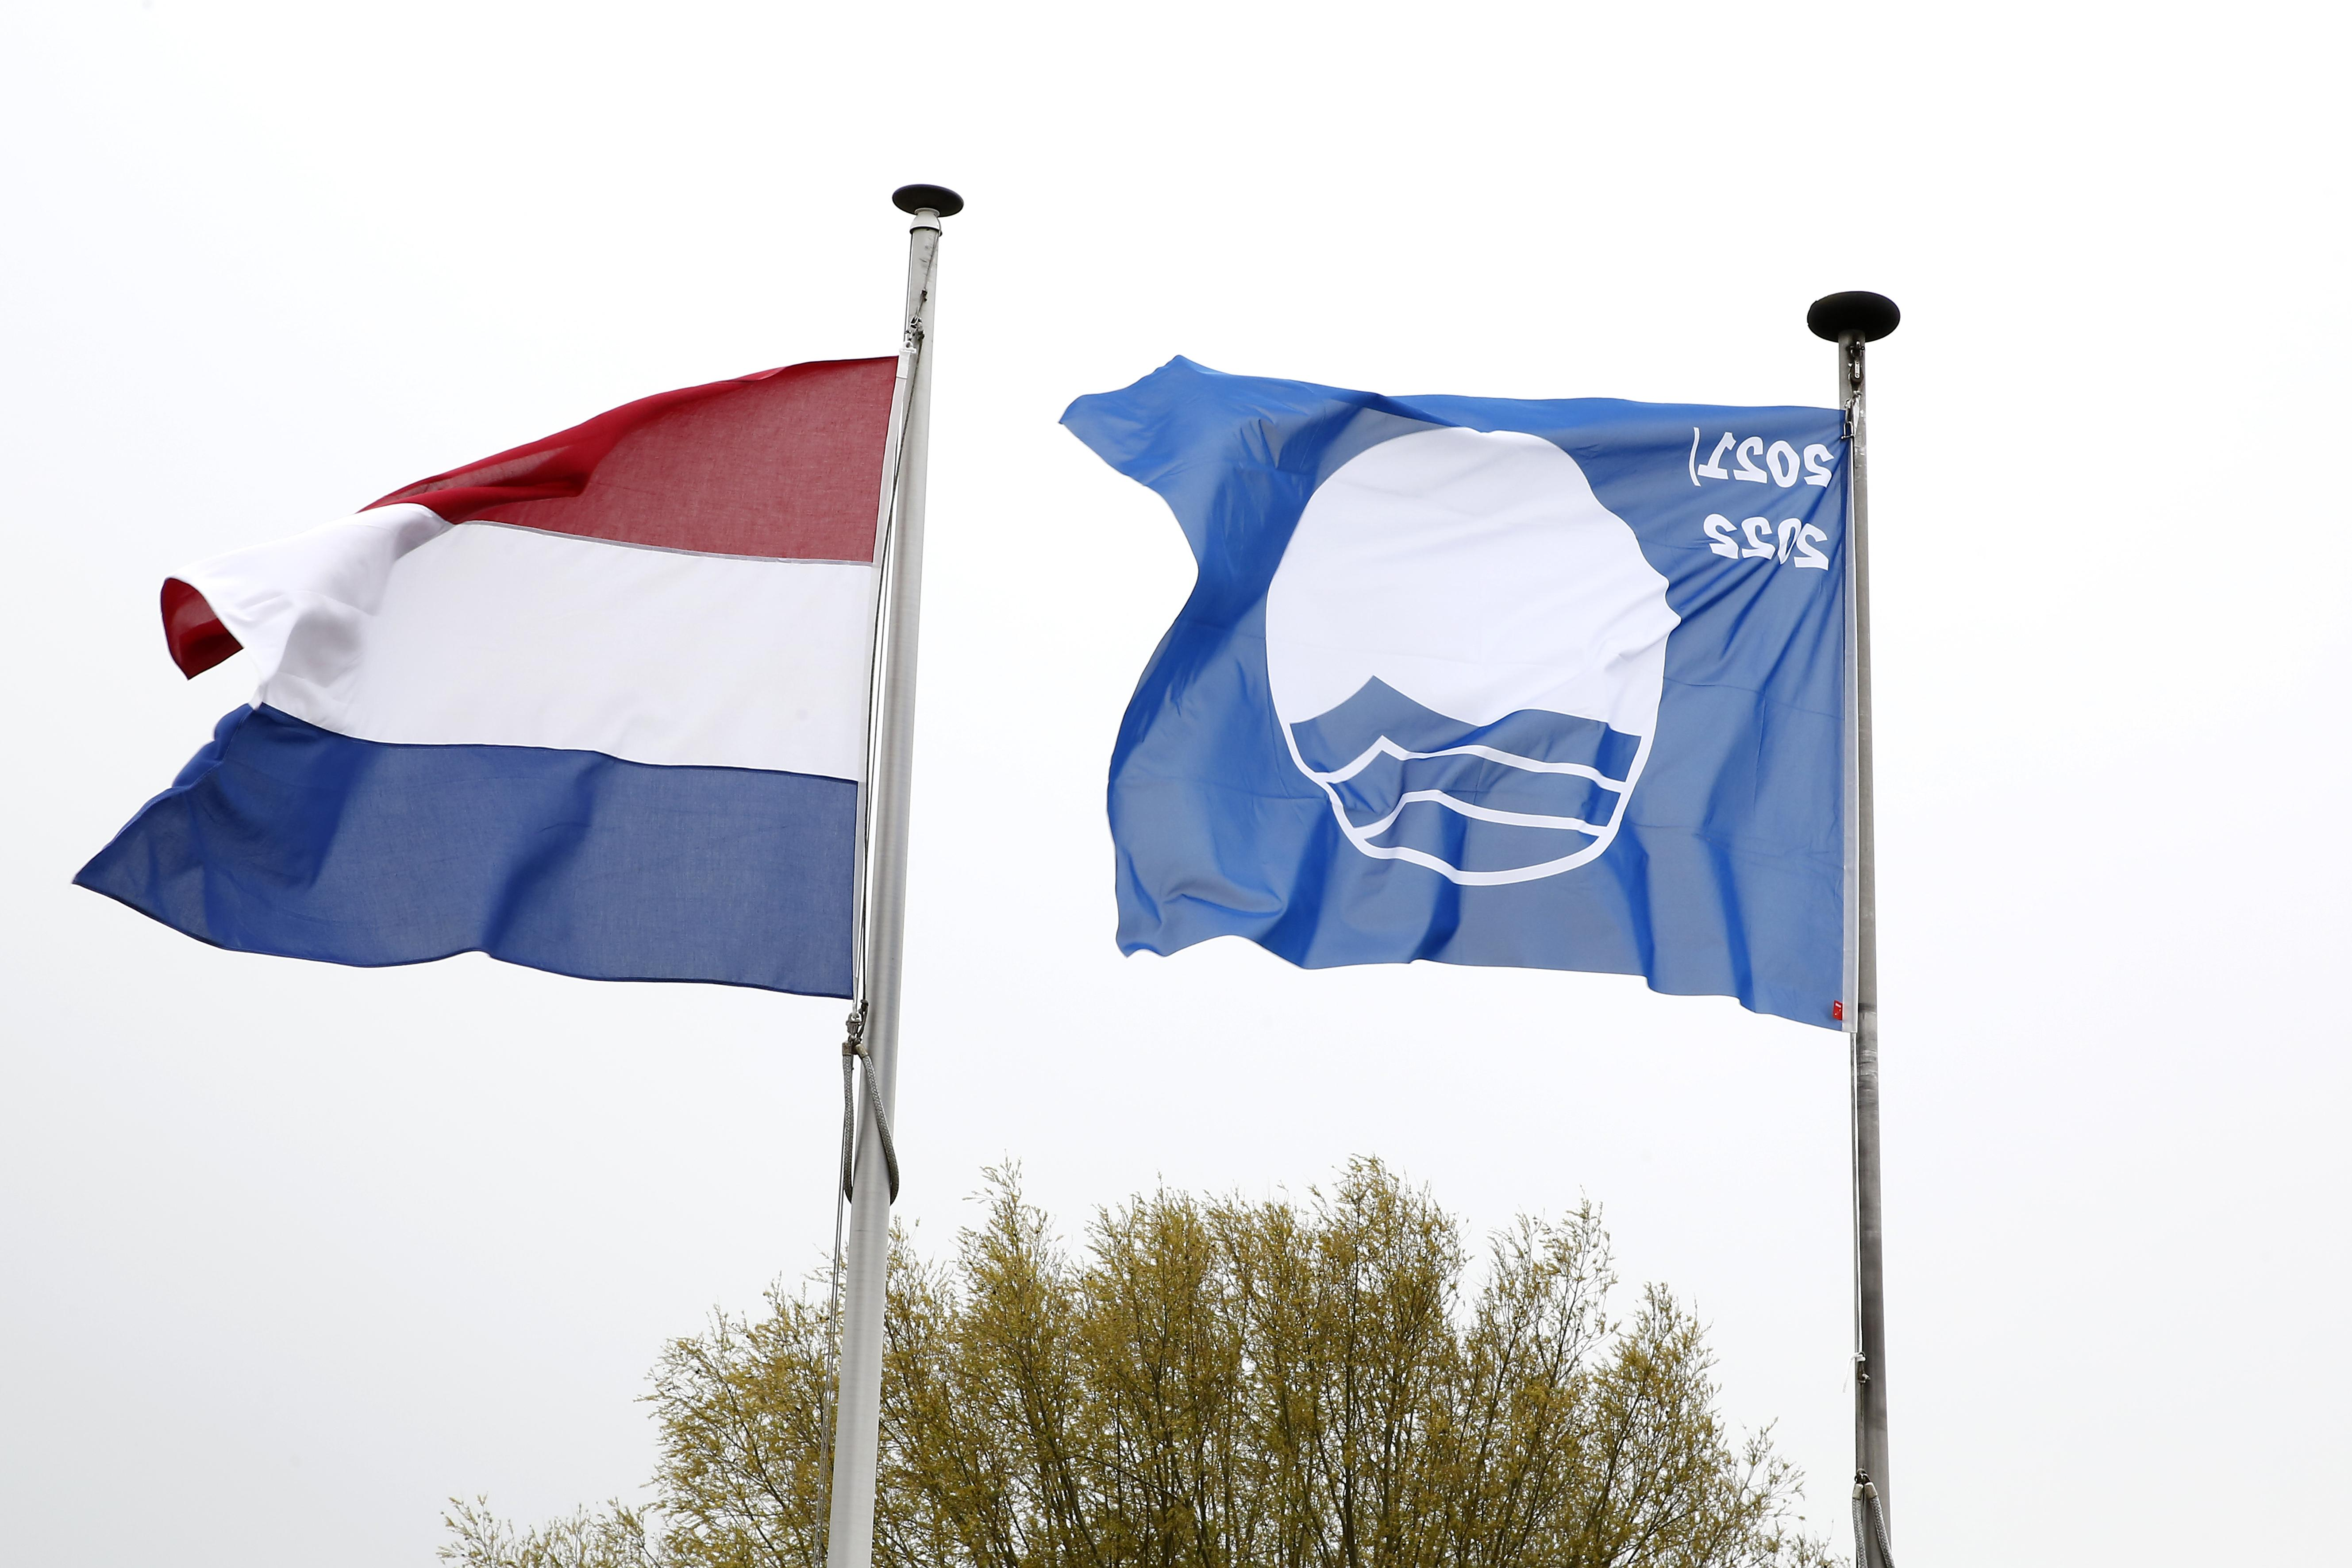 Jachthavens Andijk, Medemblik, Hoorn en Enkhuizen weer in bezit blauwe vlag